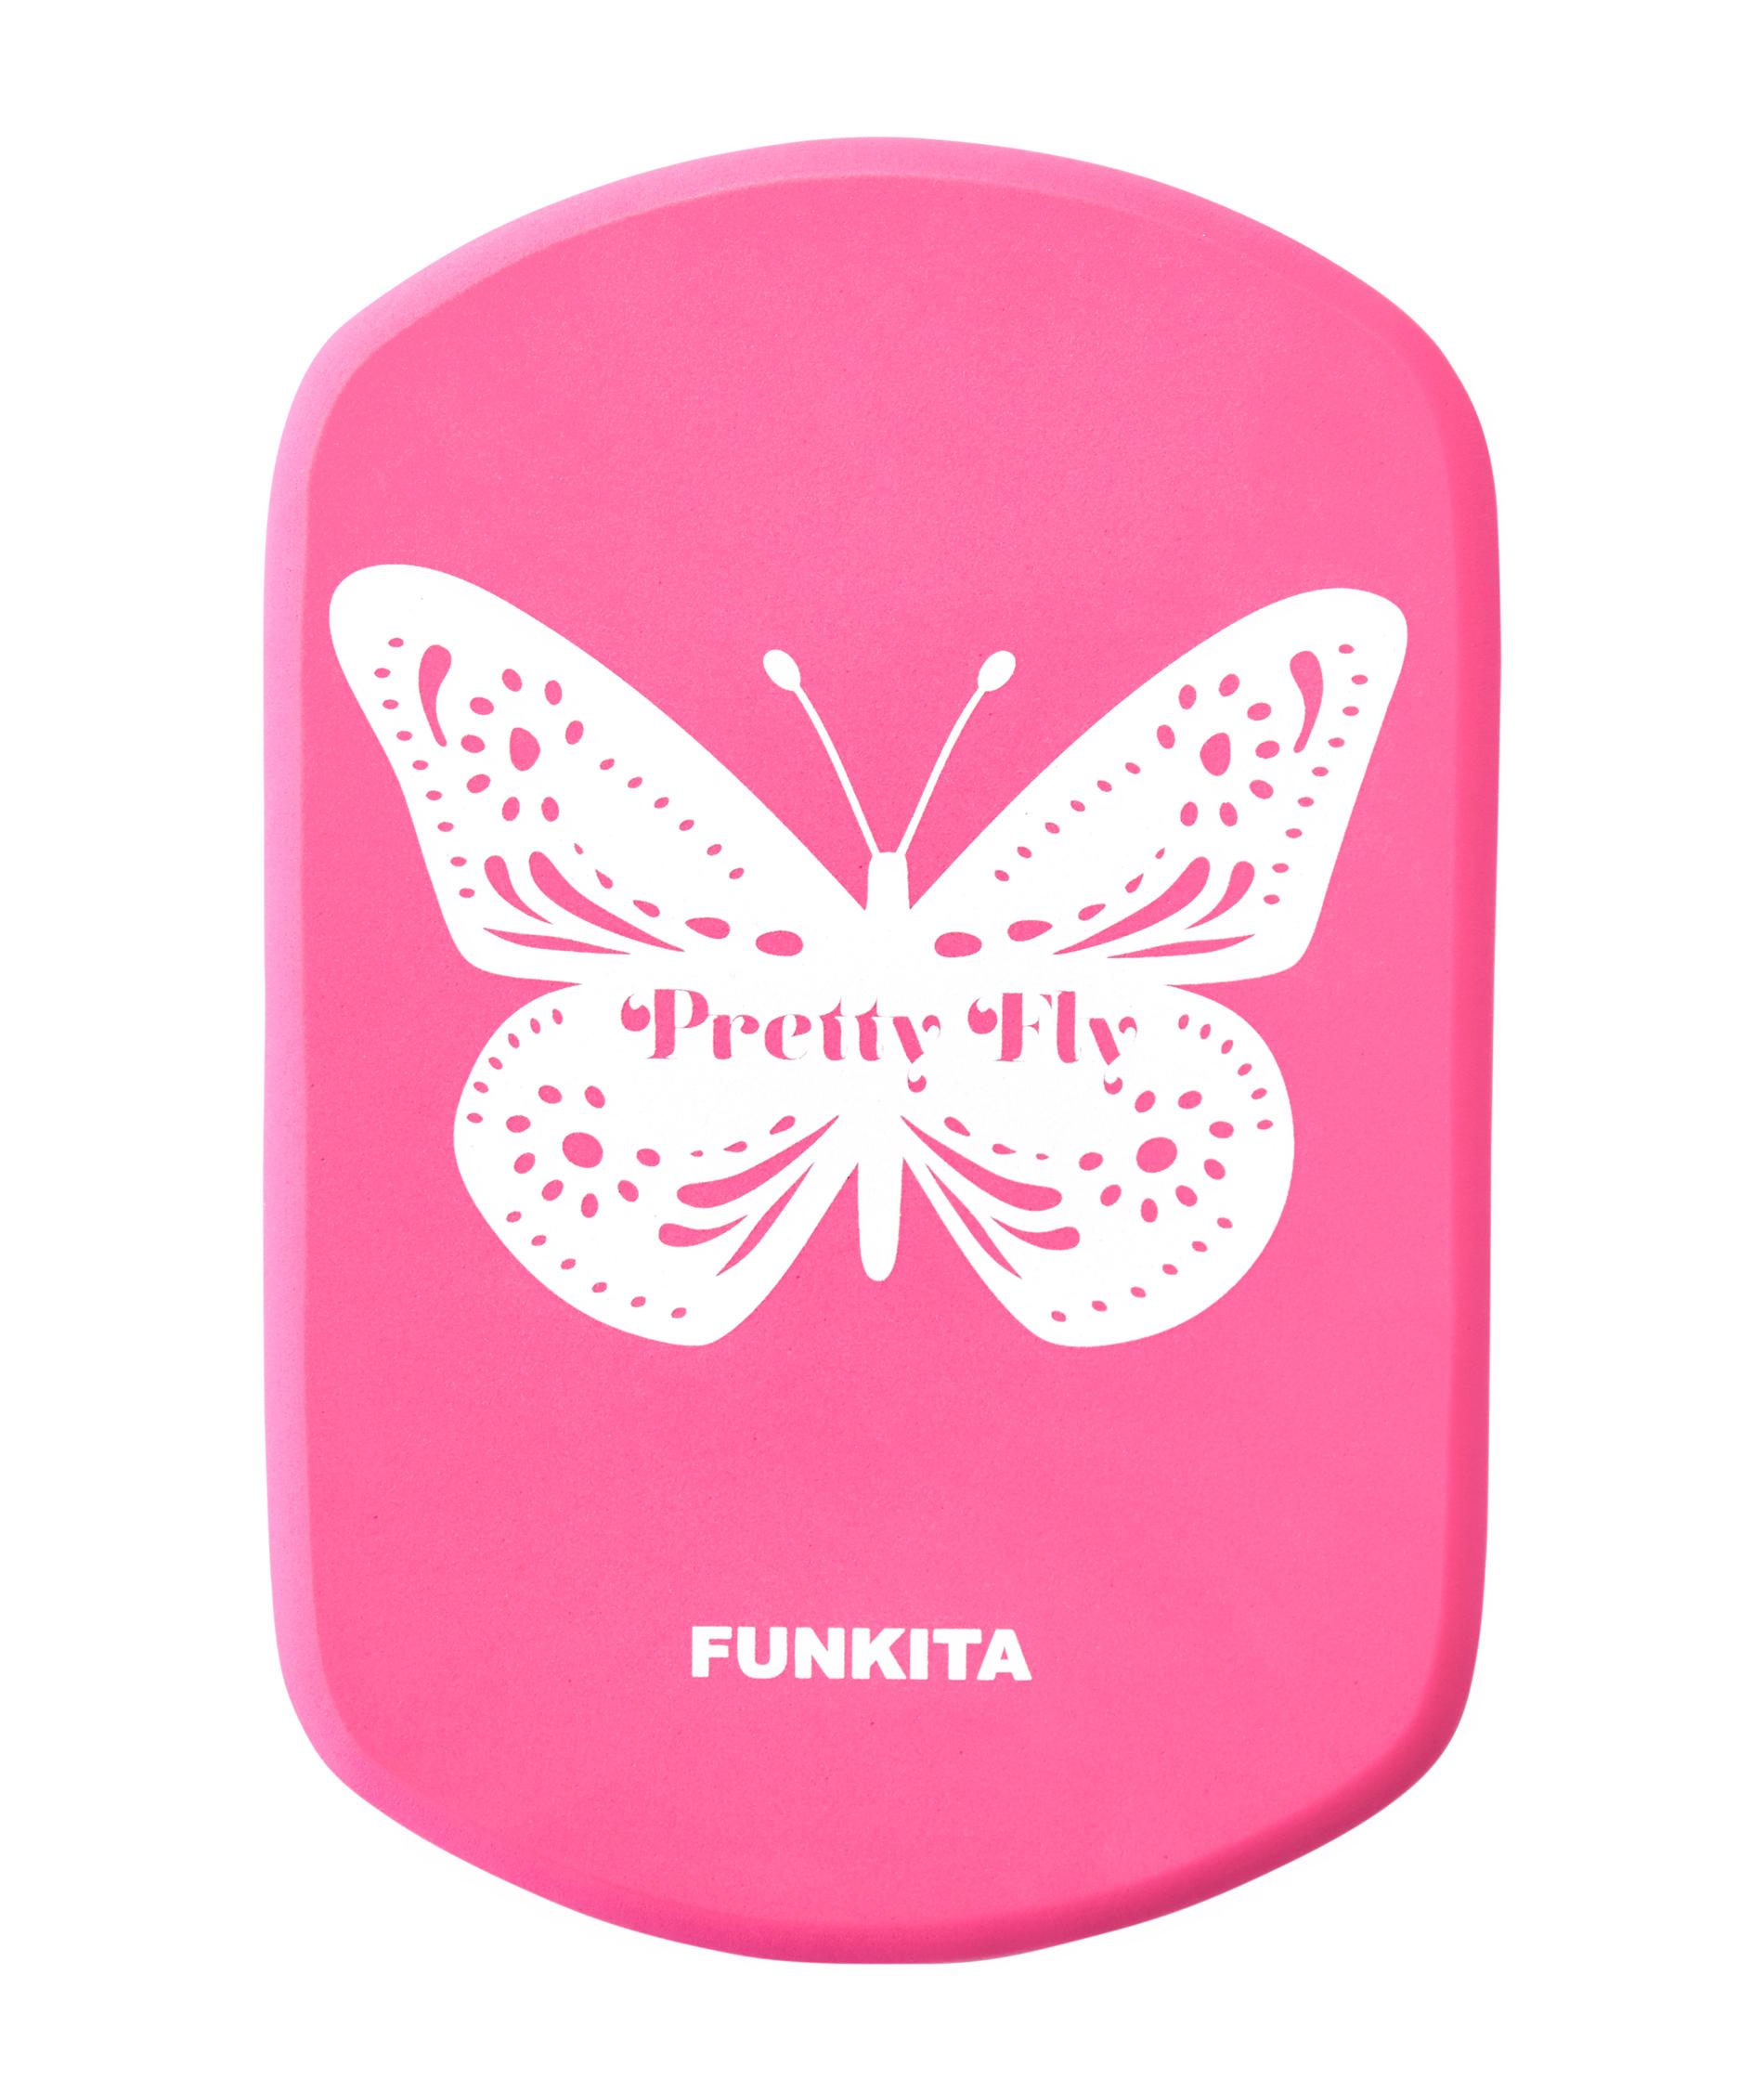 Funkita Pretty Fly Mini Kickboard